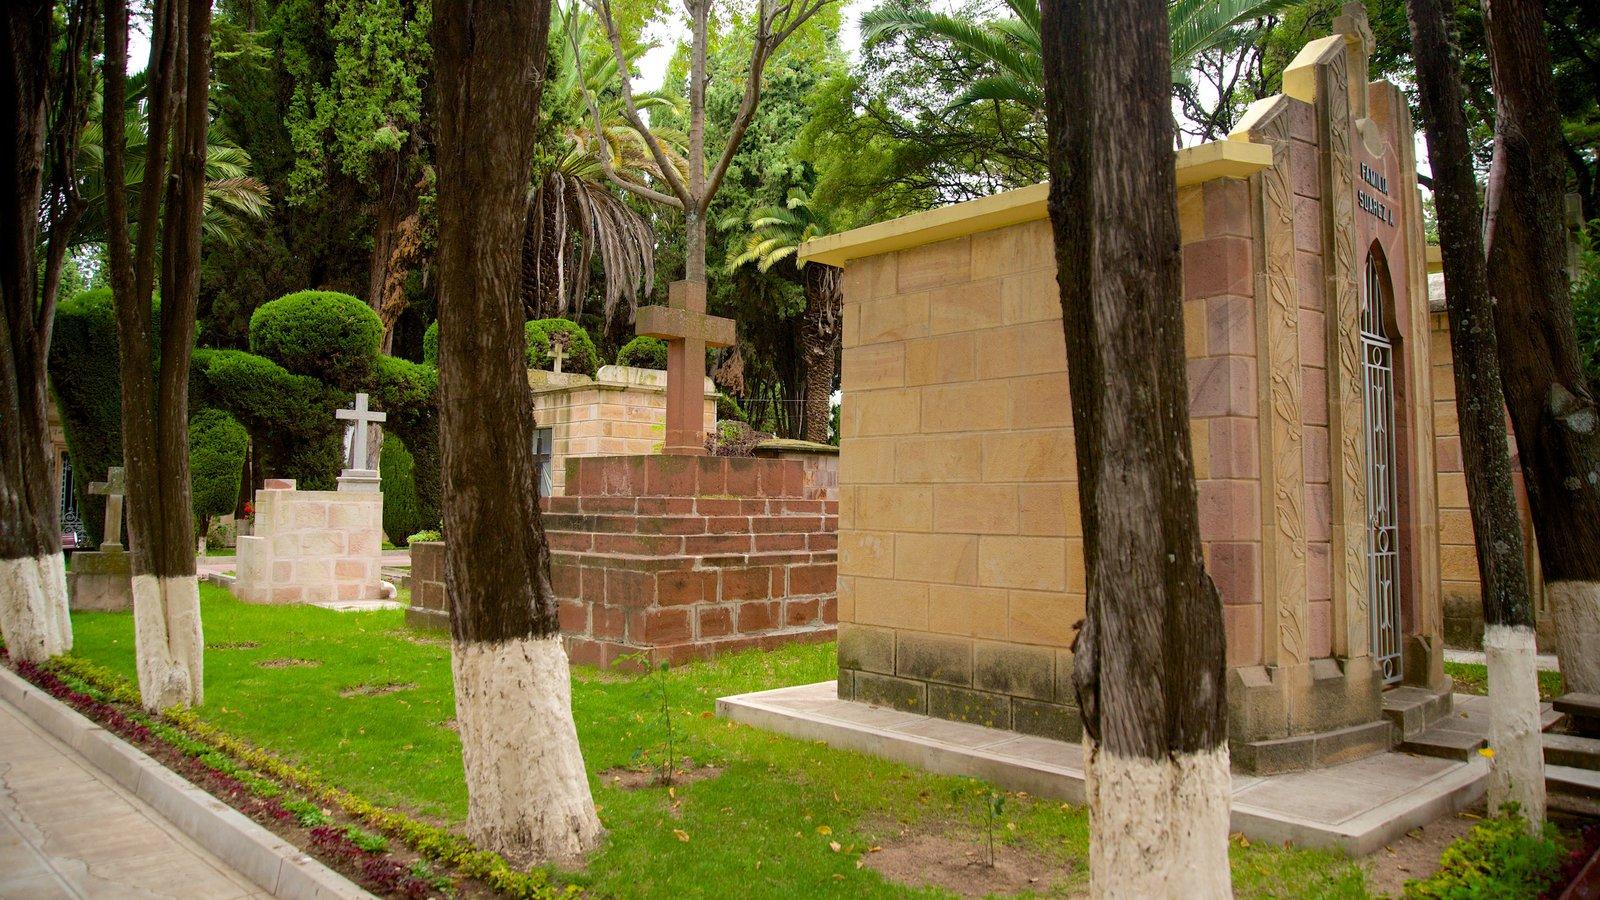 Convento de San Felipe Neri, Bolivia 2019.